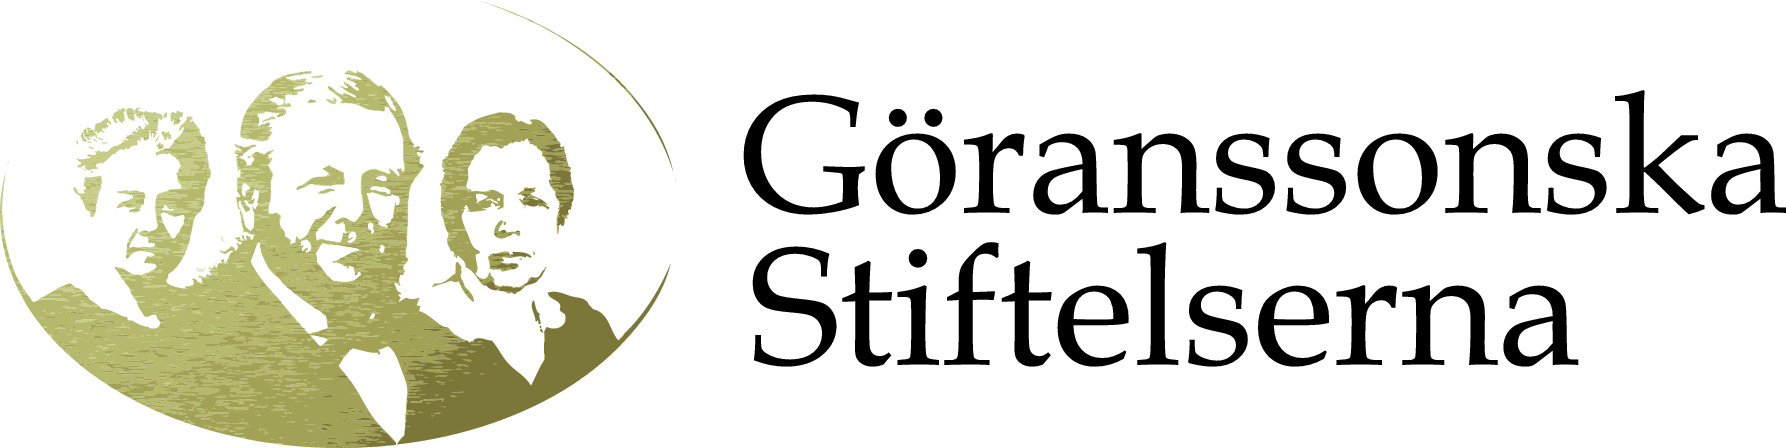 Göranssonska stiftelserna